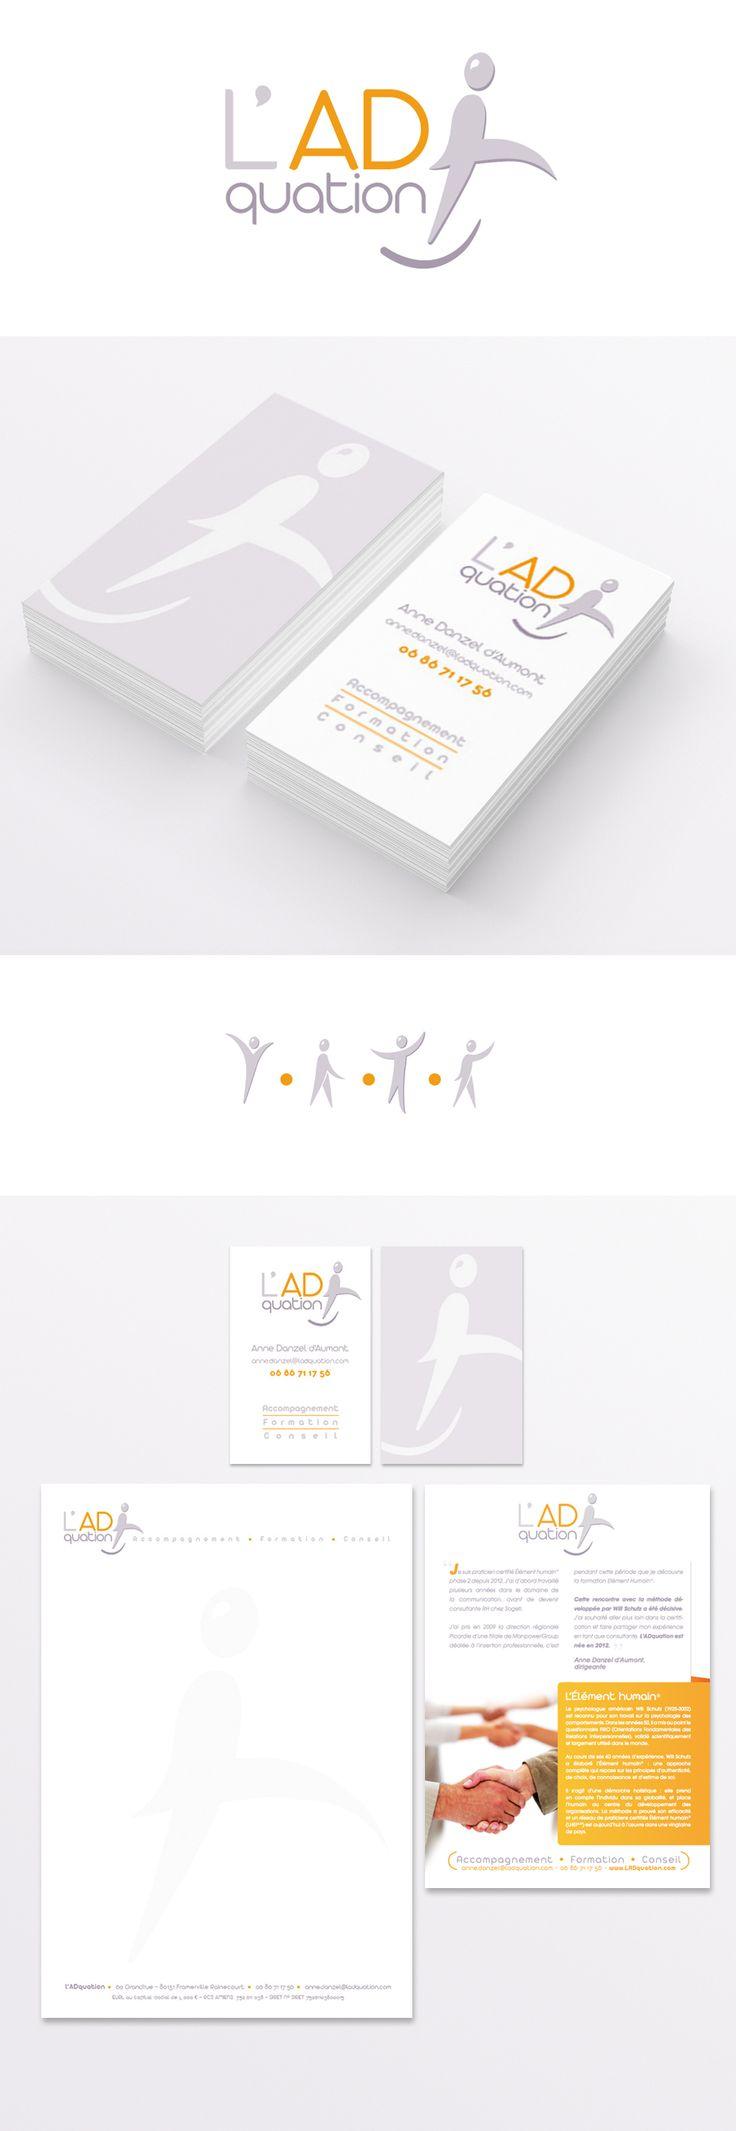 Ultra-book de canographie Portfolio : LOGOS : logo SHA